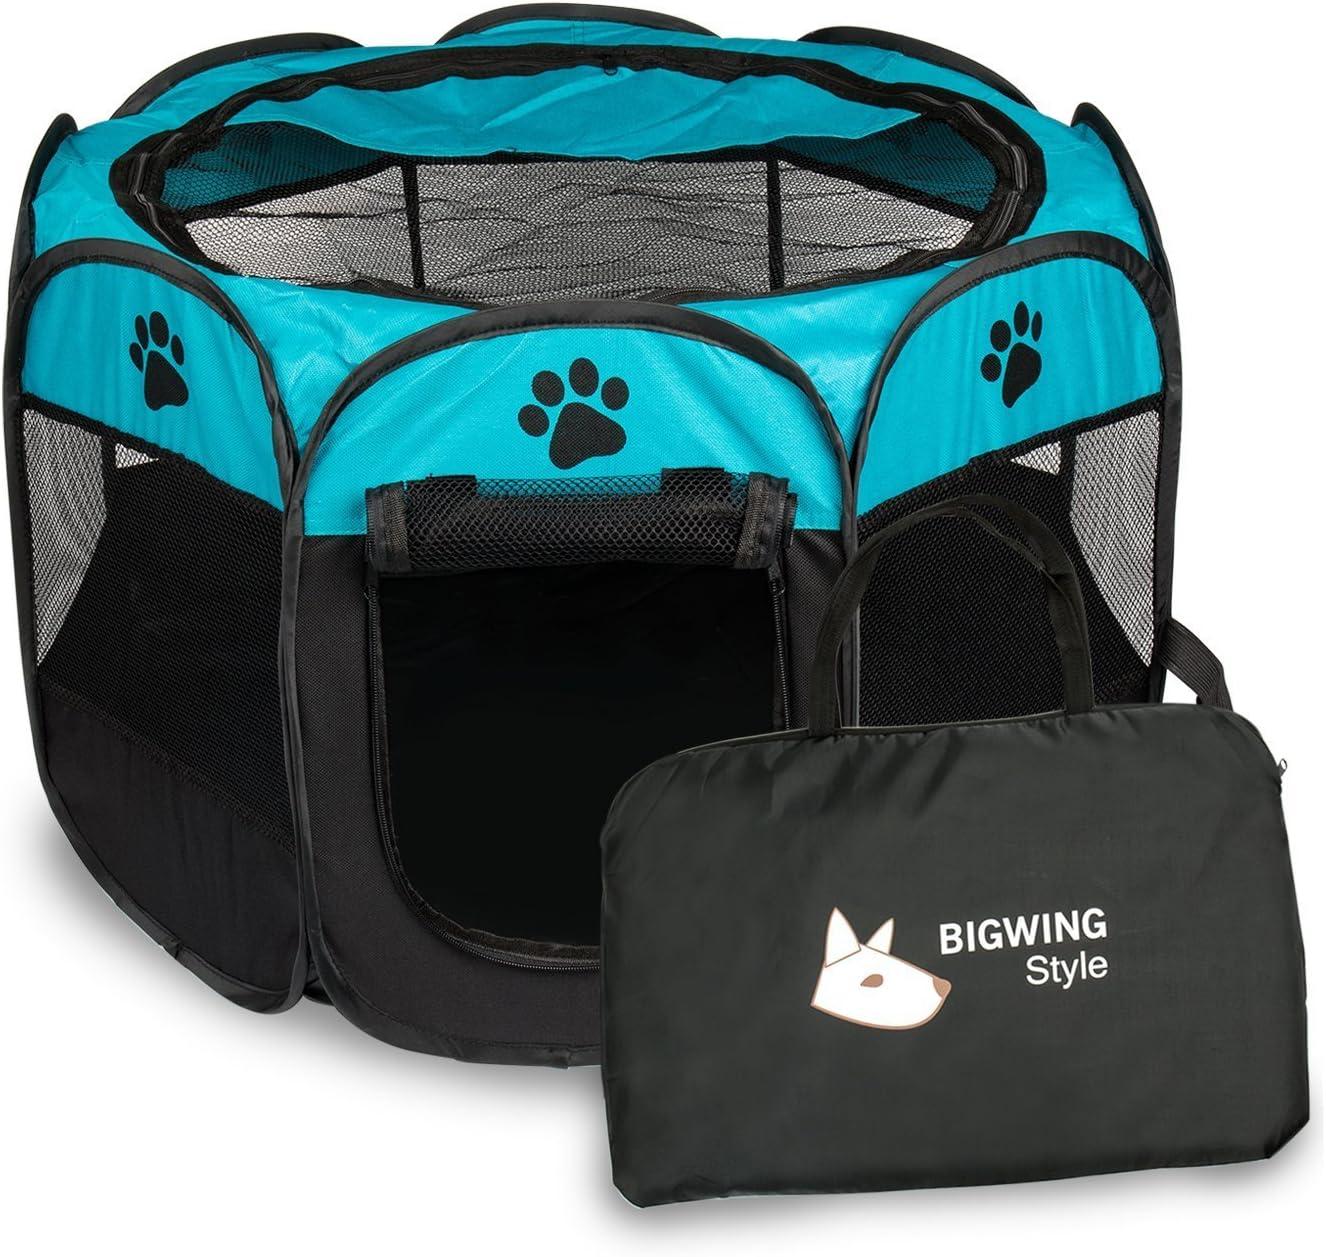 BIGWING Style Parque Mascota de Juego Entrenamiento Dormitorio Perro Gato Conejo Octágono Plegable Lavable Durable 91x 91x 58 CM, Negro y Azúl